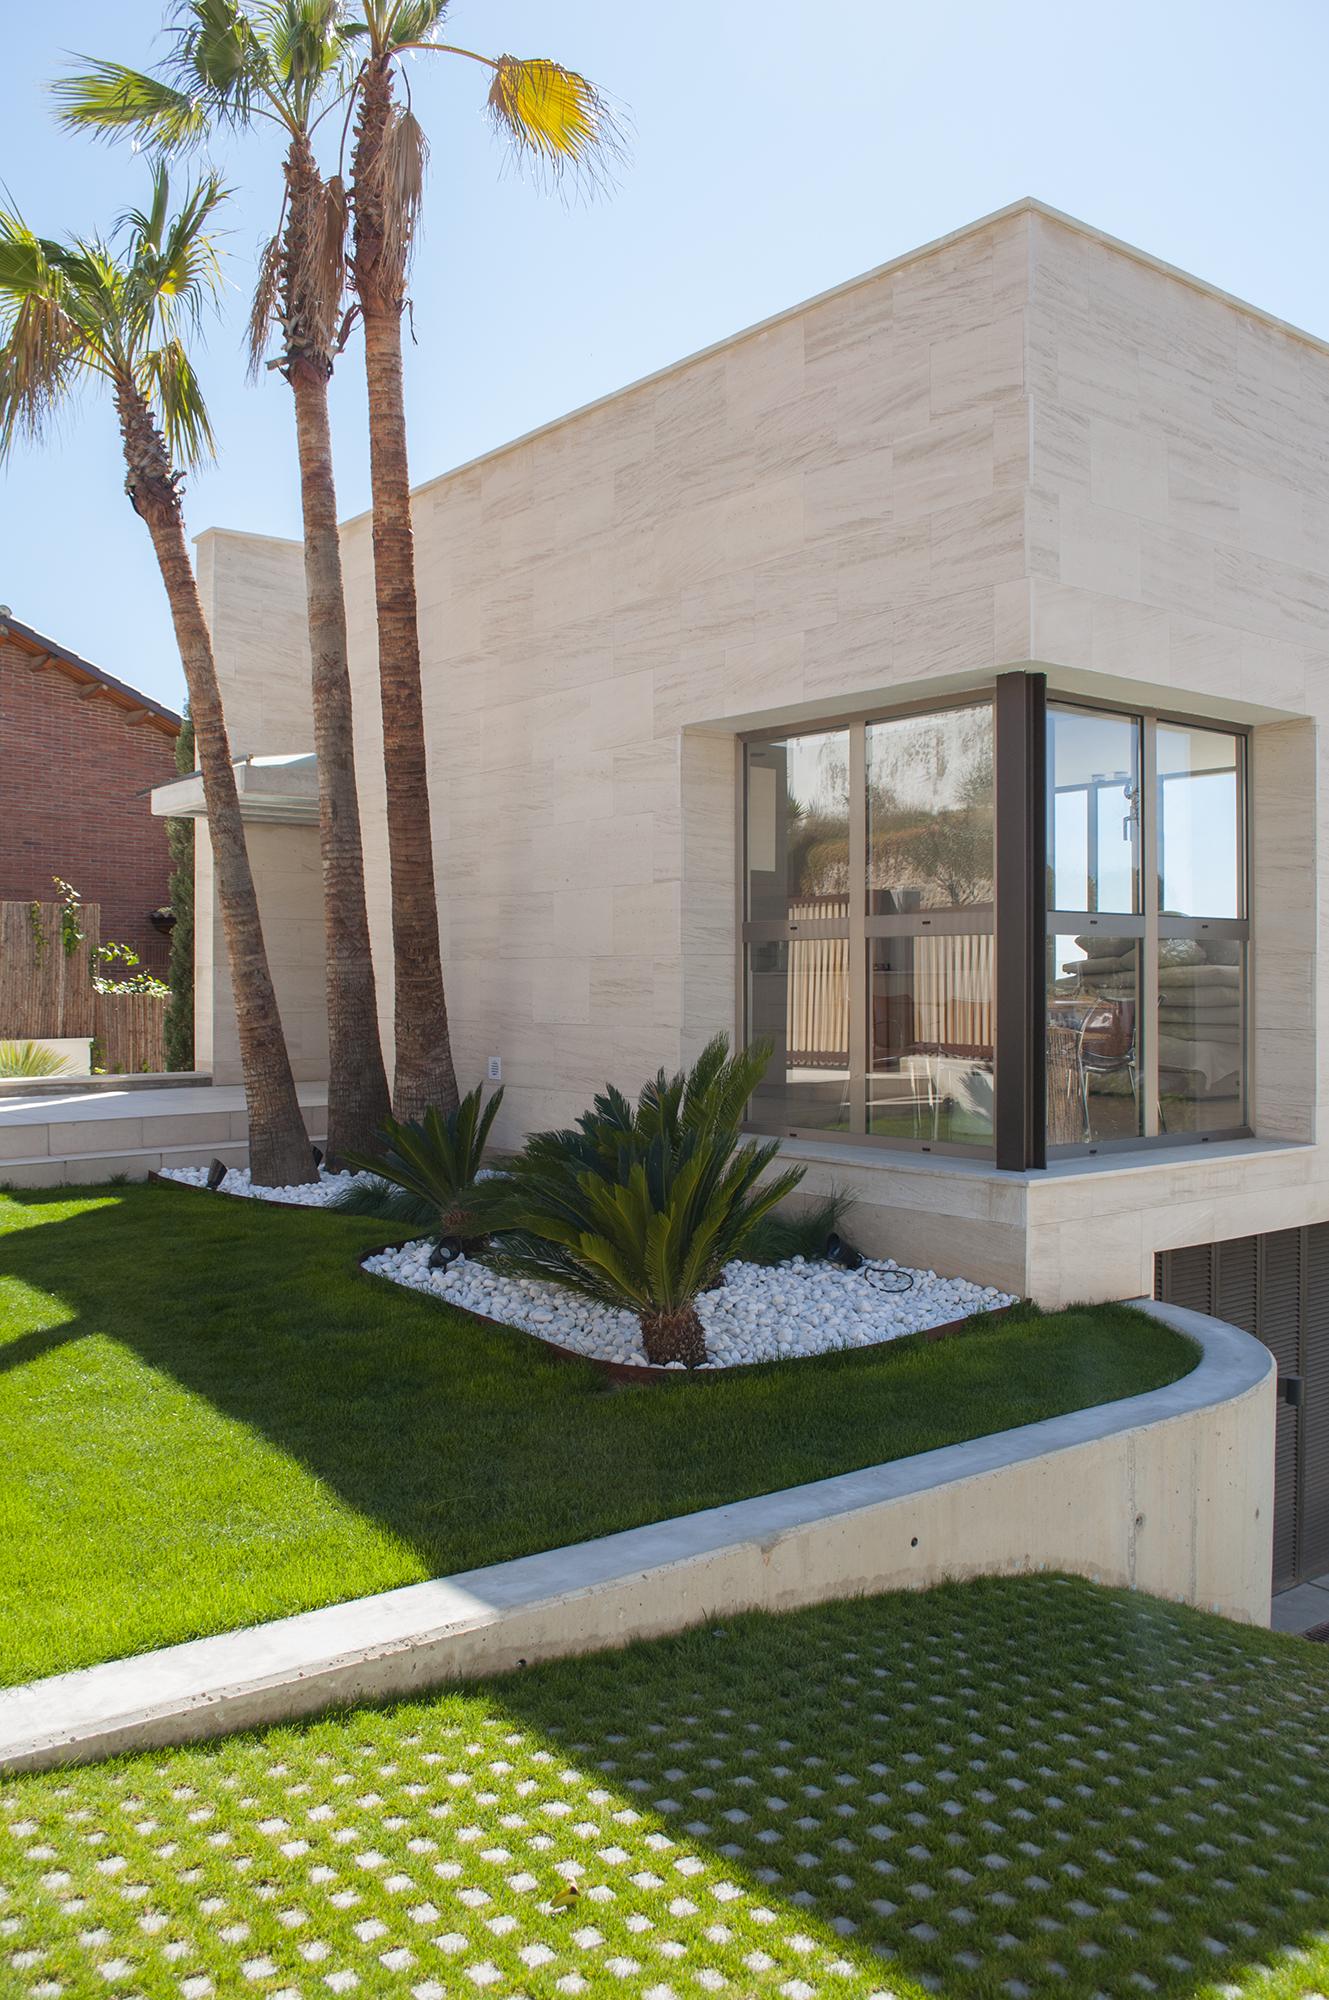 8-rardo-architects-houses-sitges-elevation-entrance-corner